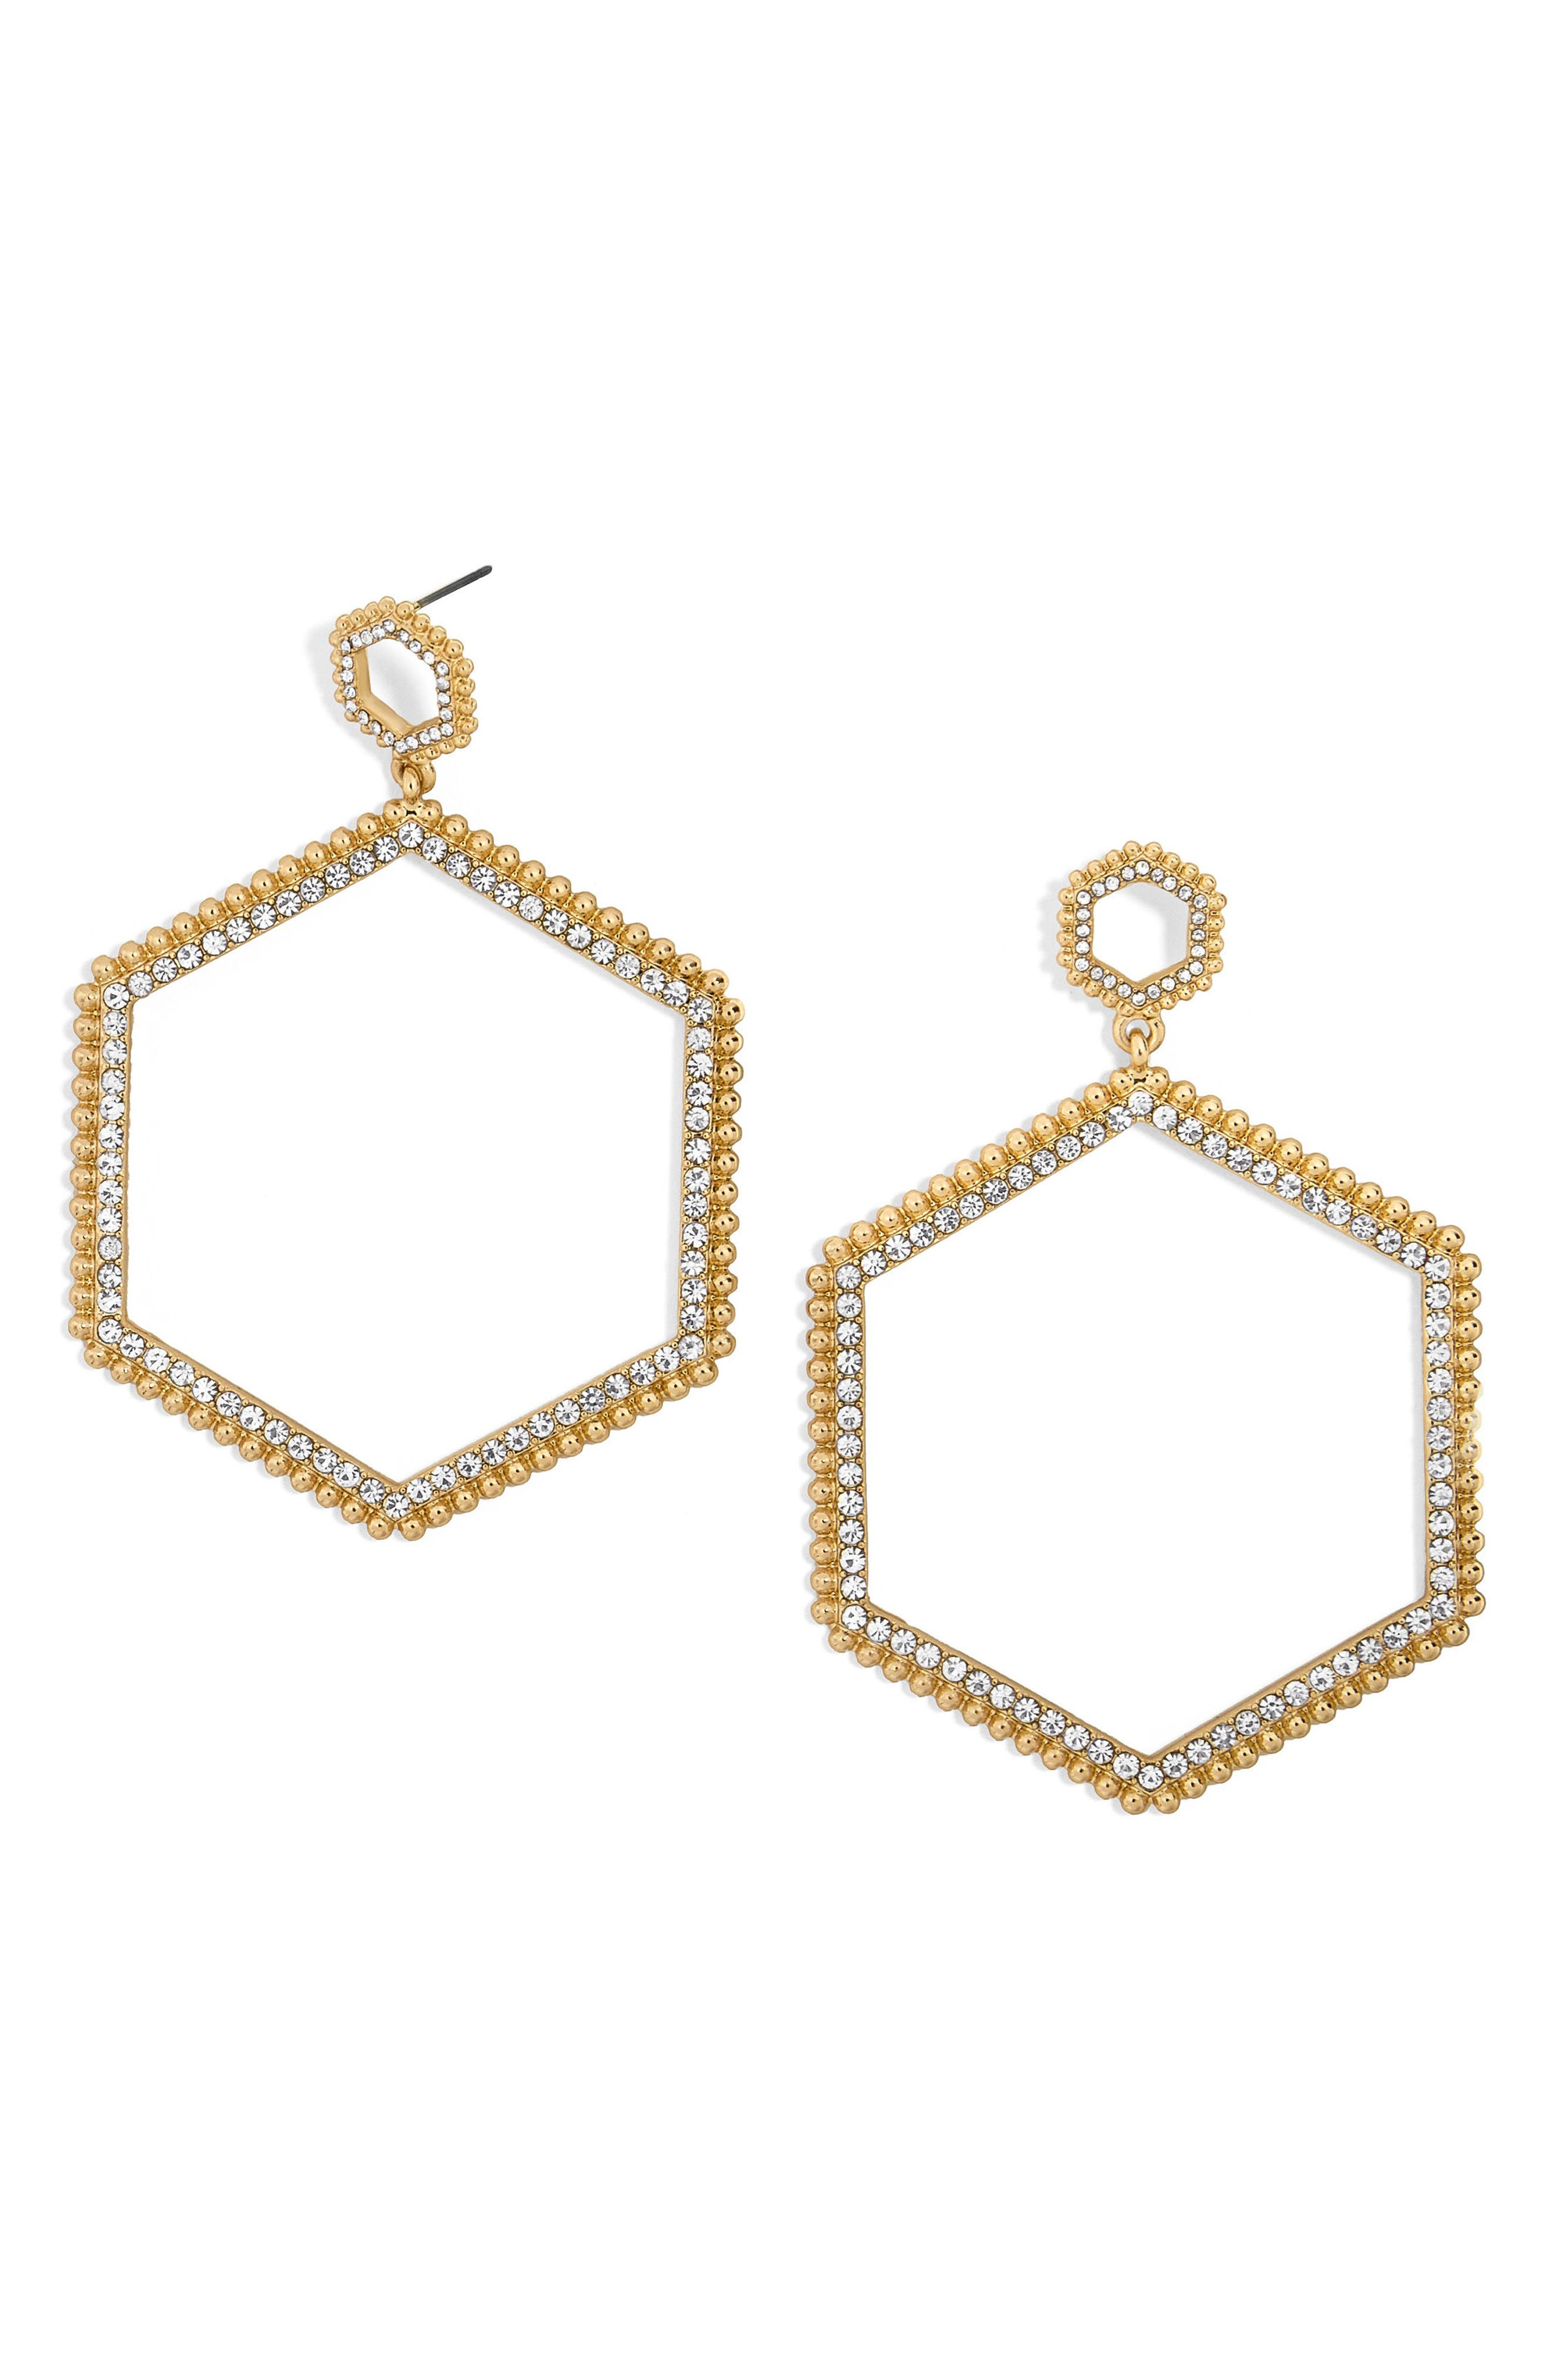 Hexagonal Hoop Earrings,                         Main,                         color, Gold